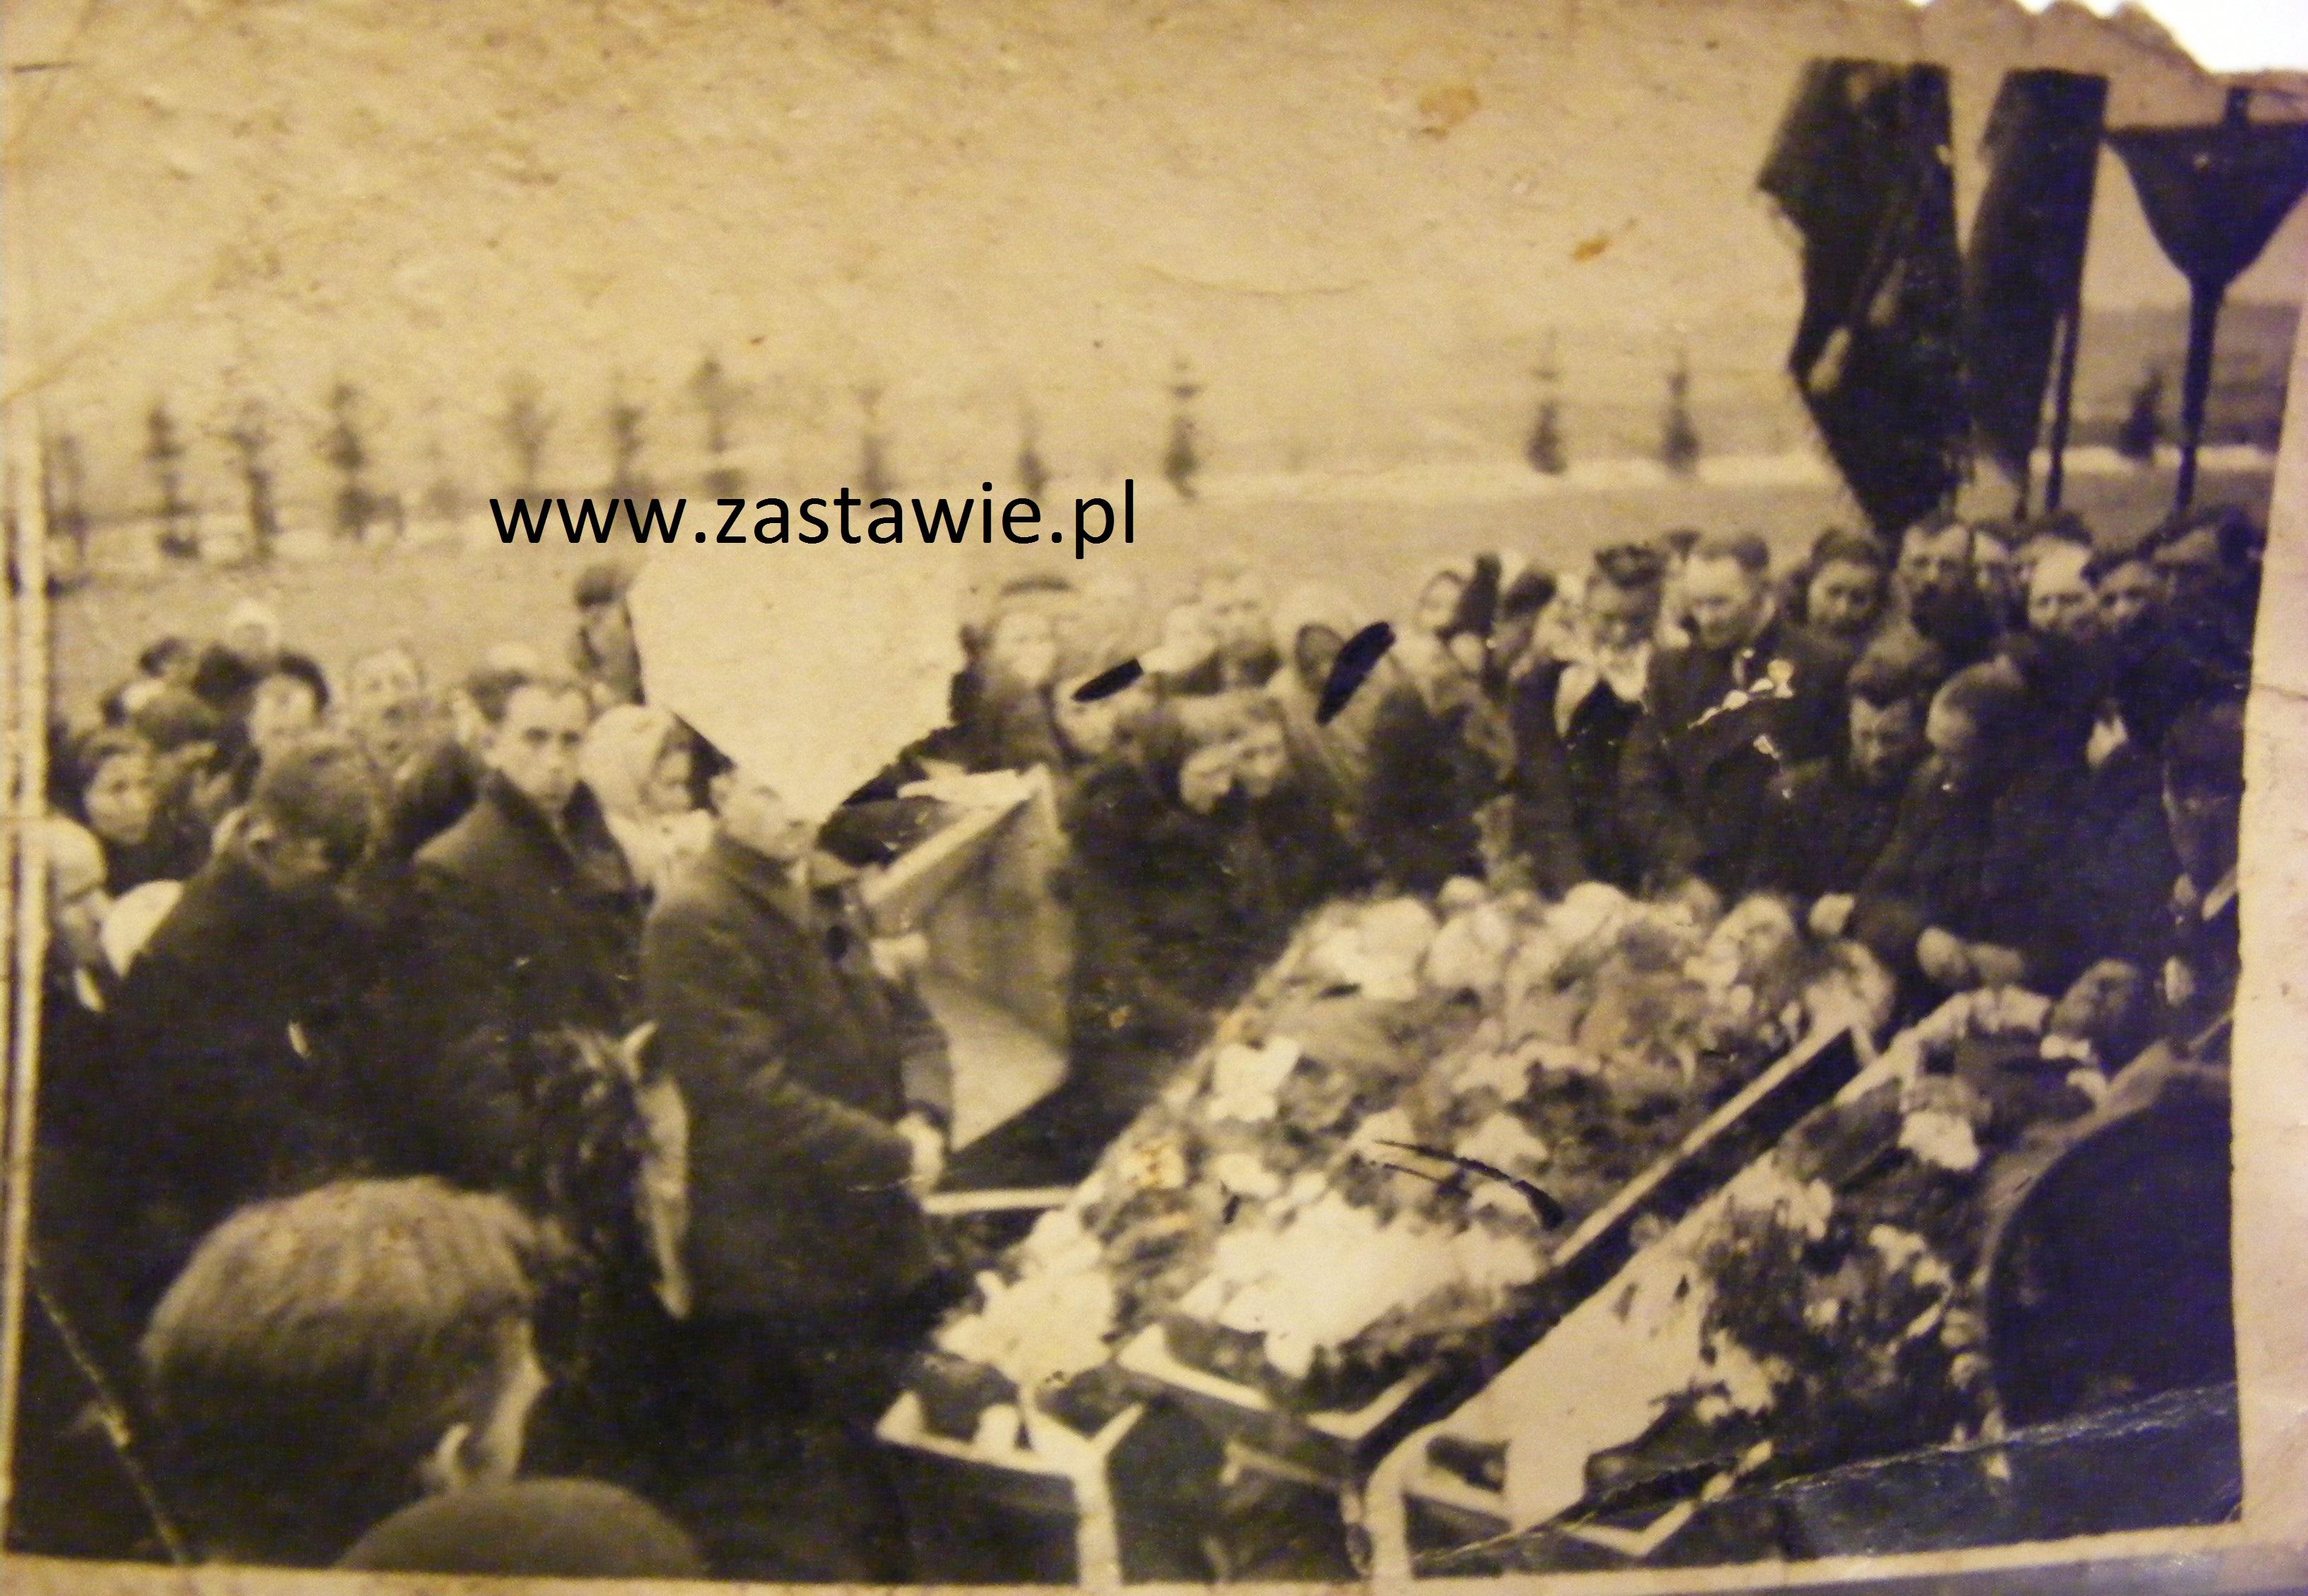 Pogrzeb partyzantów. Zdjęcie udostępniła Małgorzata Byczko